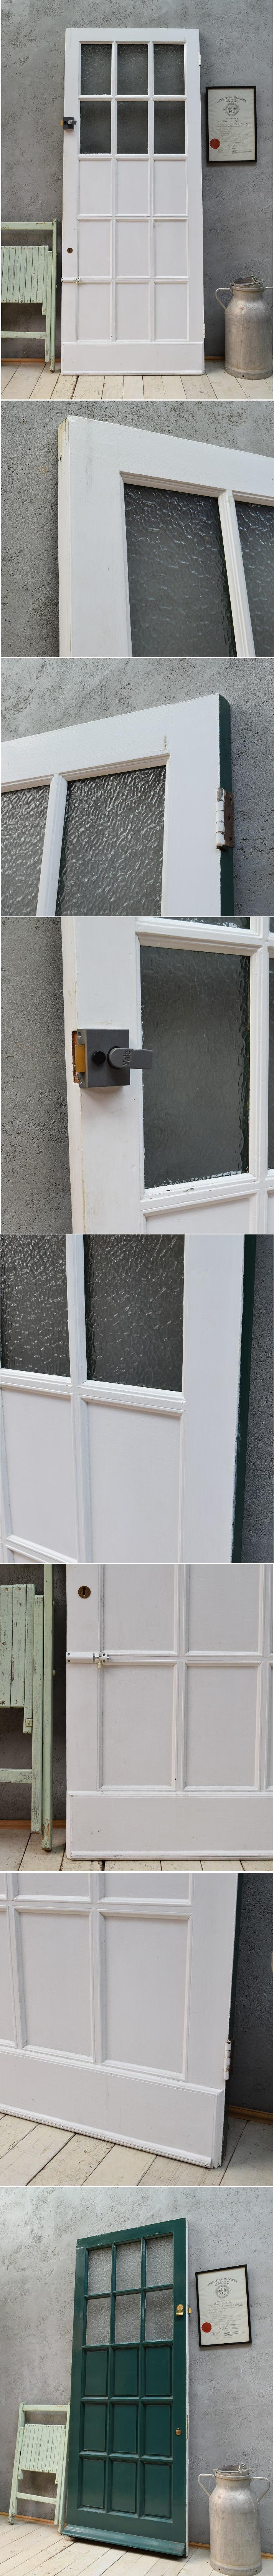 イギリス アンティーク ガラス入り木製ドア 扉 ディスプレイ 建具 6719